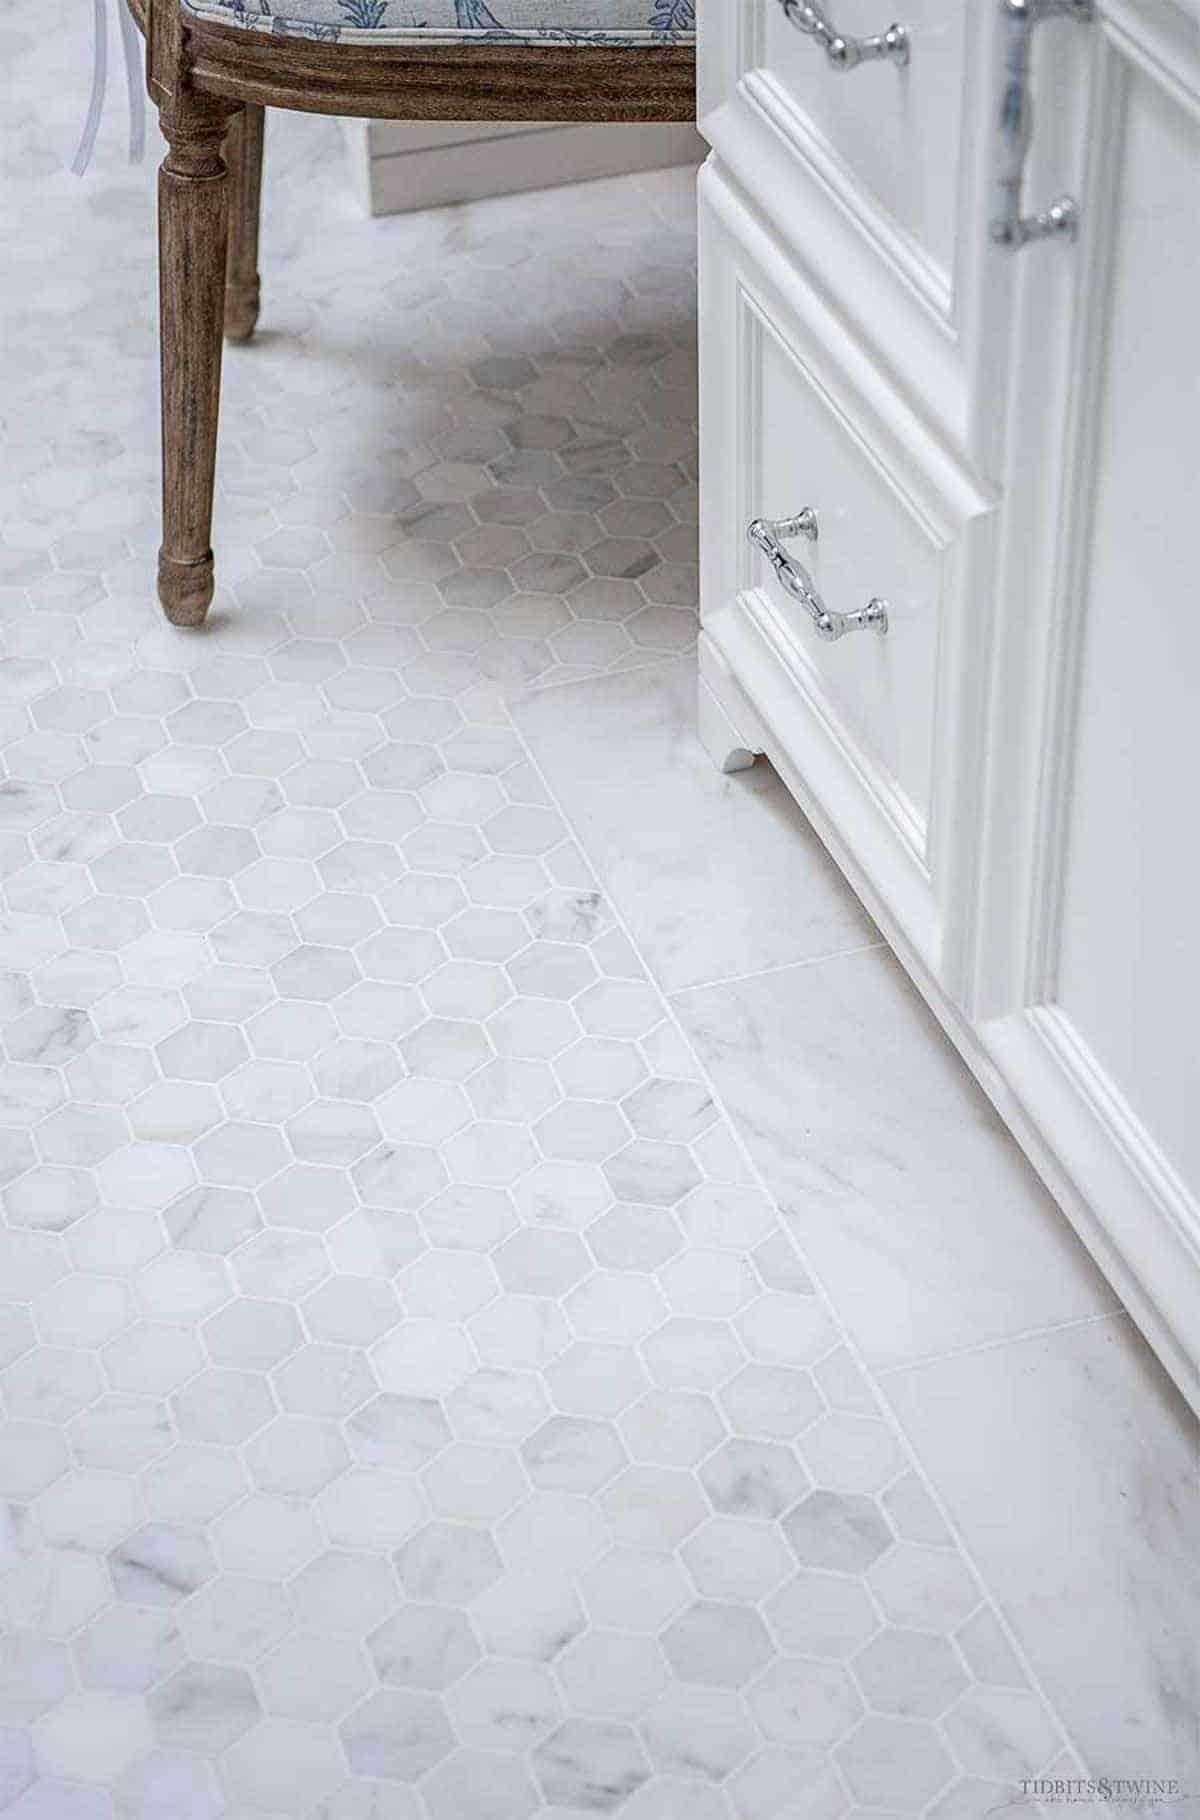 Pequeno ladrilho hexagonal no chão de uma casa de banho, base de toucador branca à direita.